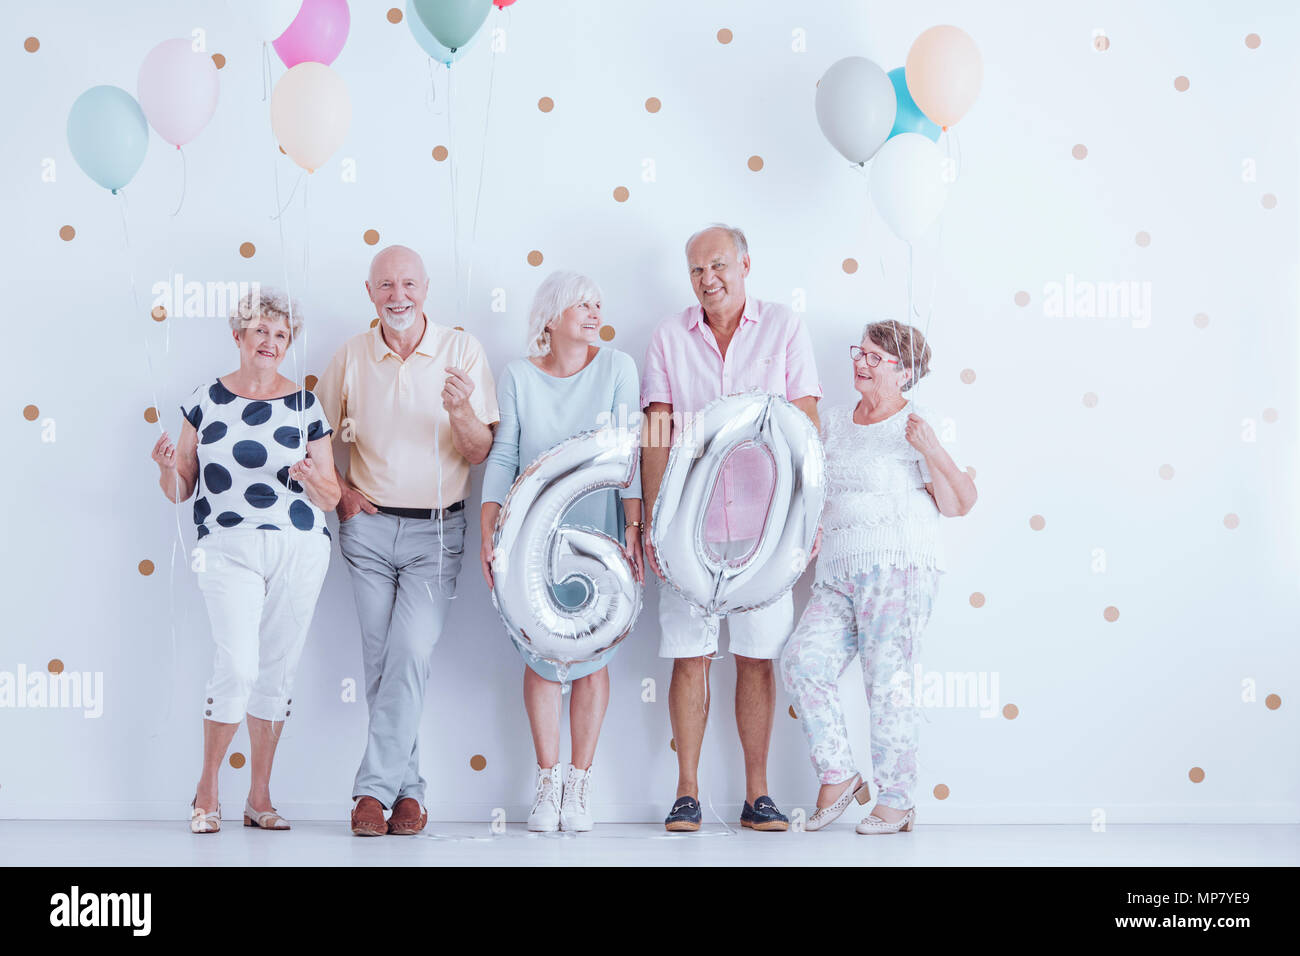 Heureux les personnes âgées holding balloons pendant une fête d'anniversaire Photo Stock